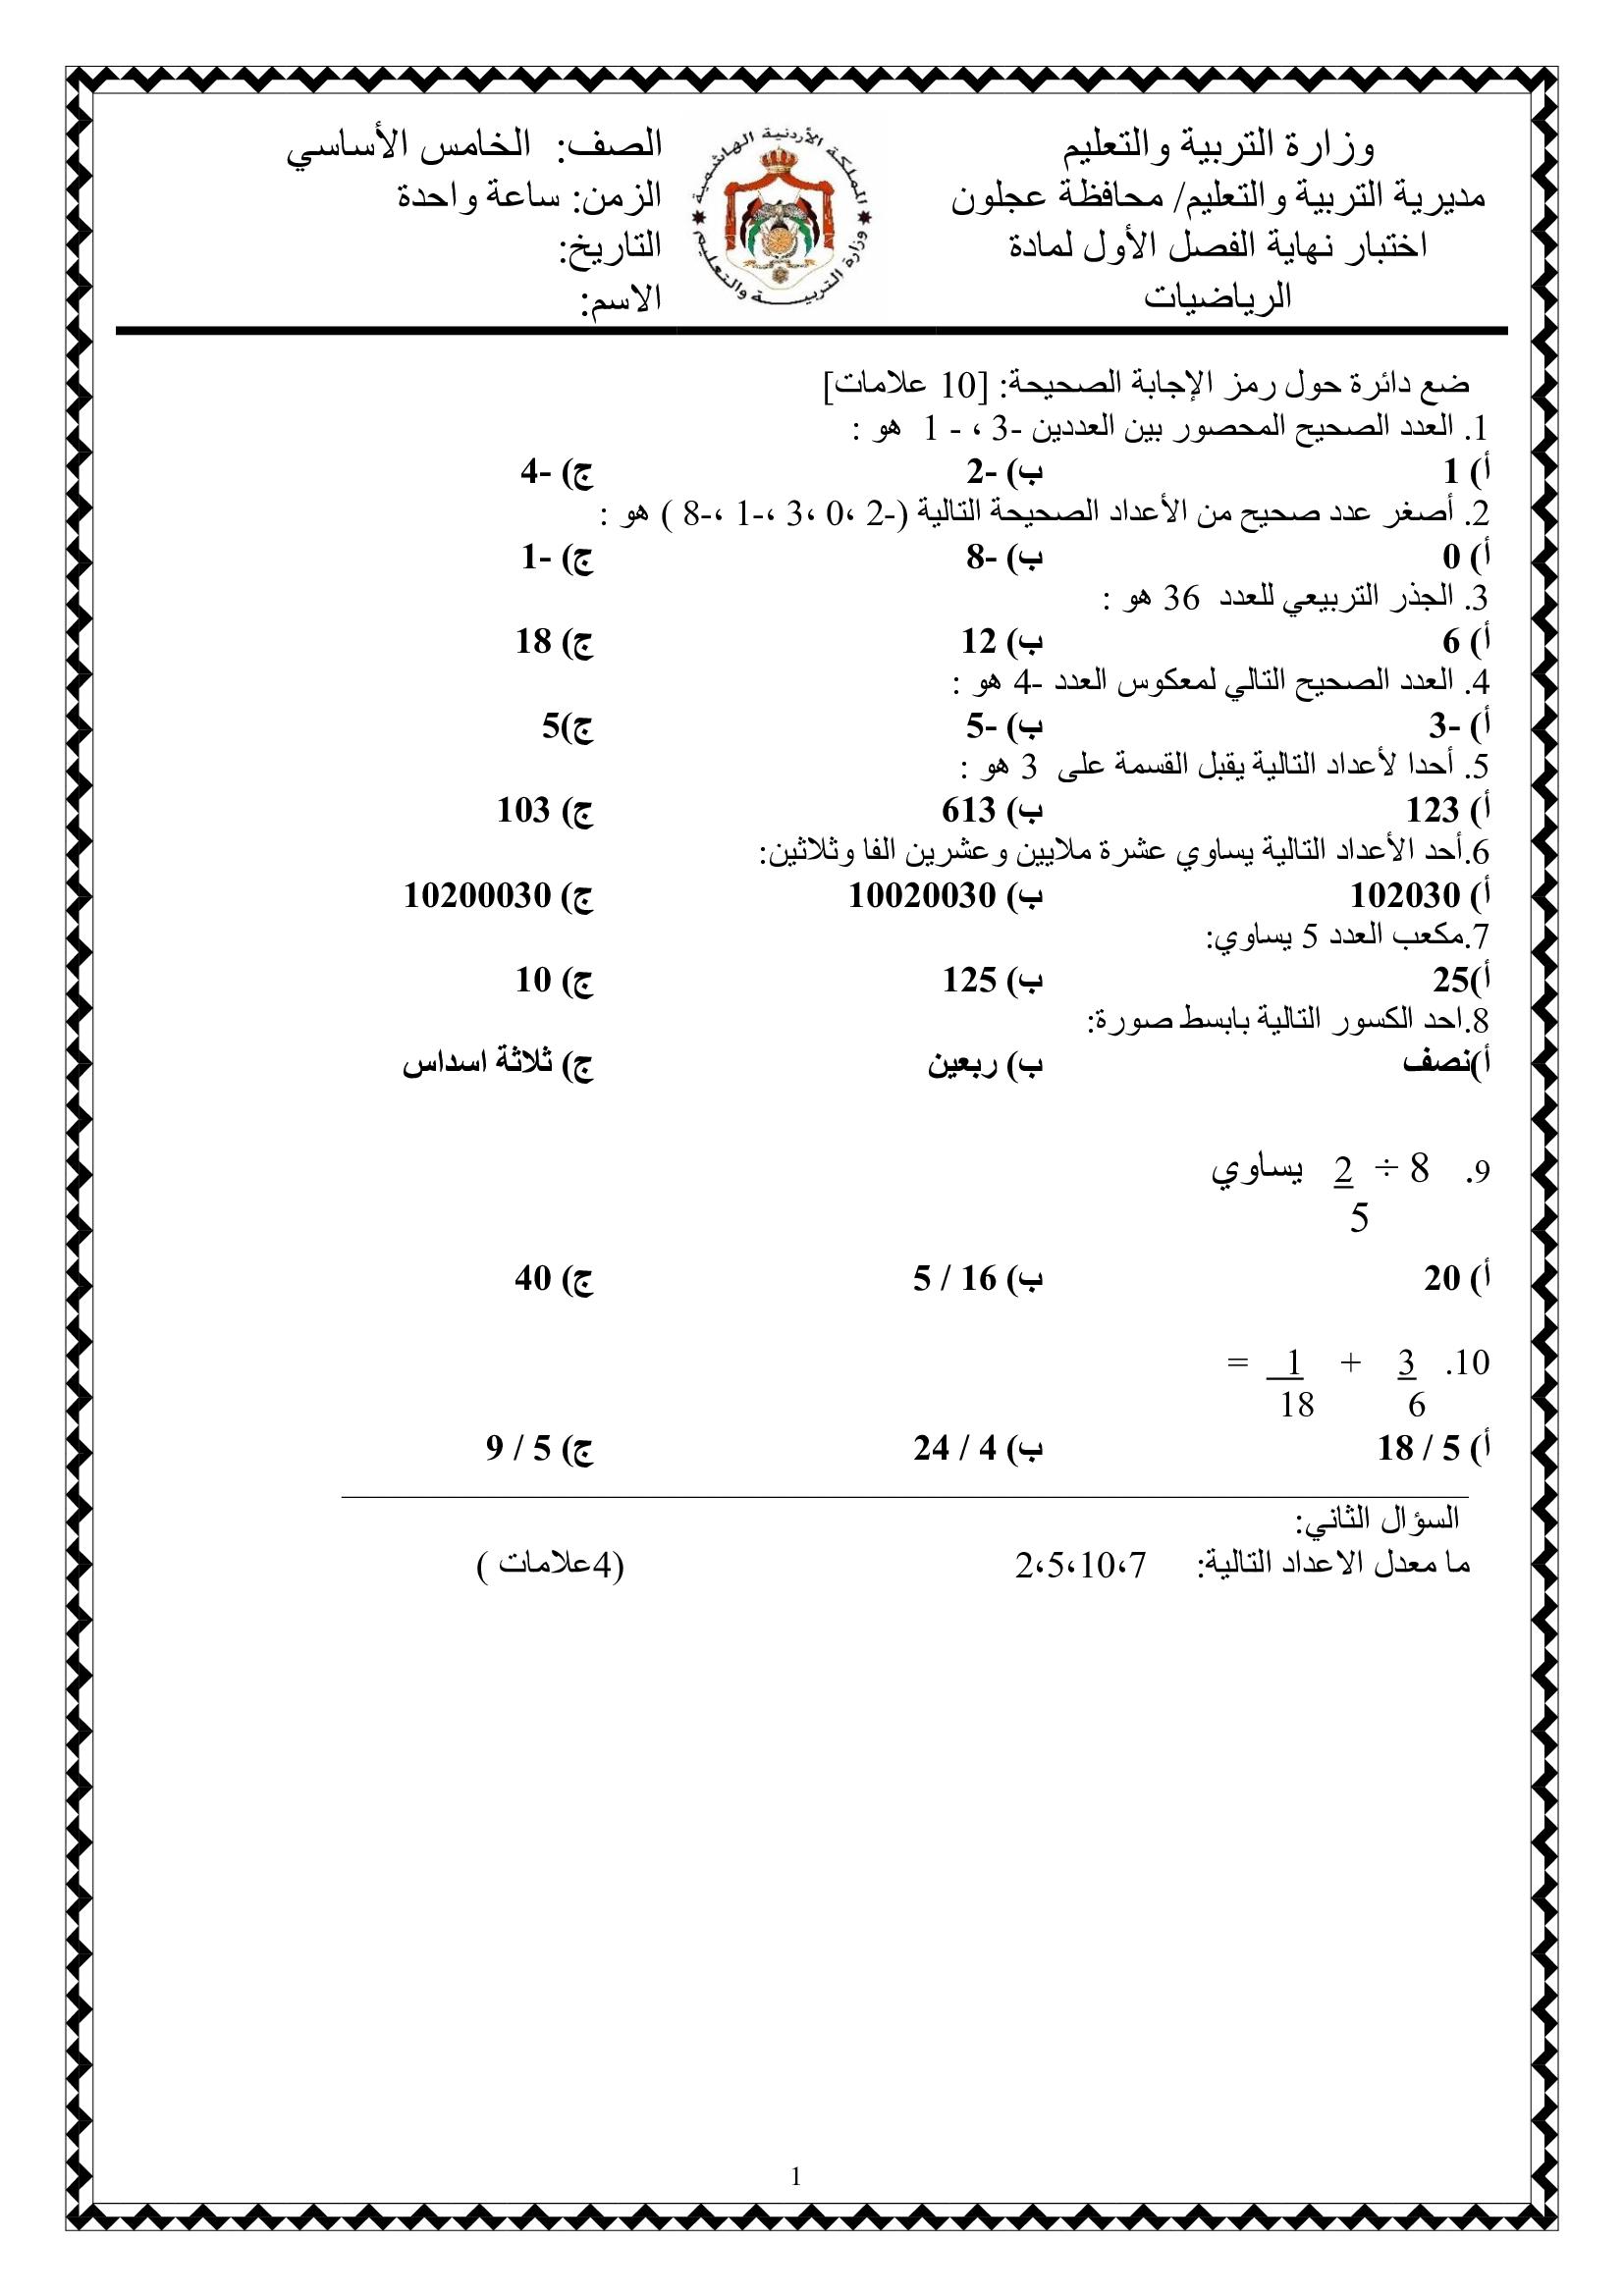 صور و وورد امتحان رياضيات للصف الخامس نهاية الفصل الاول 2020